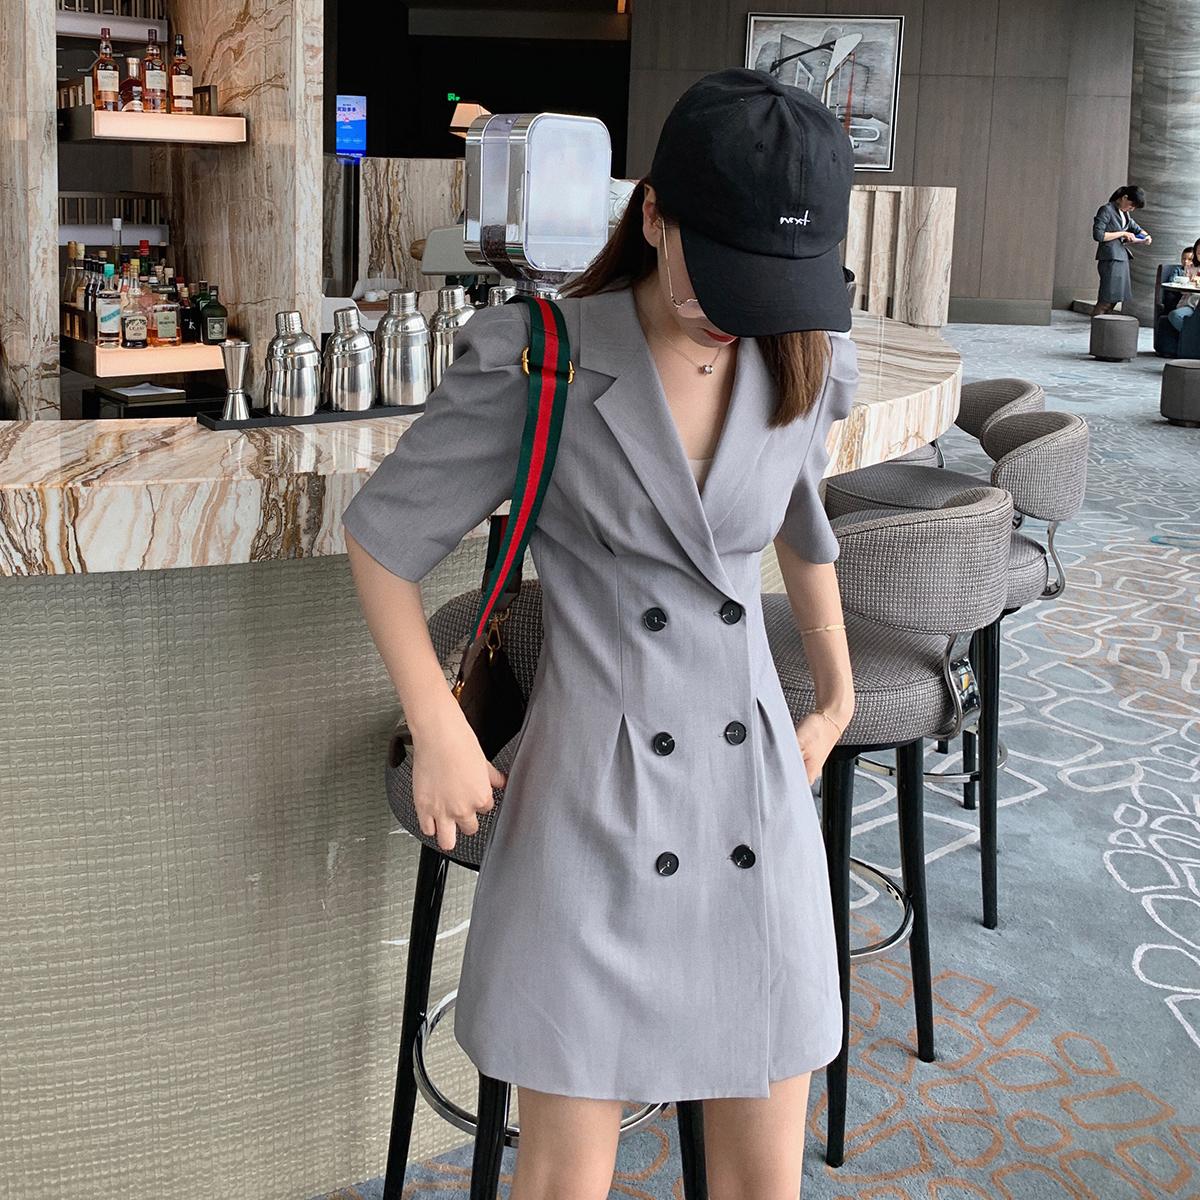 券后79.00元【限时秒杀】西装裙连衣裙收腰显瘦网红职业装气质修身小西服裙